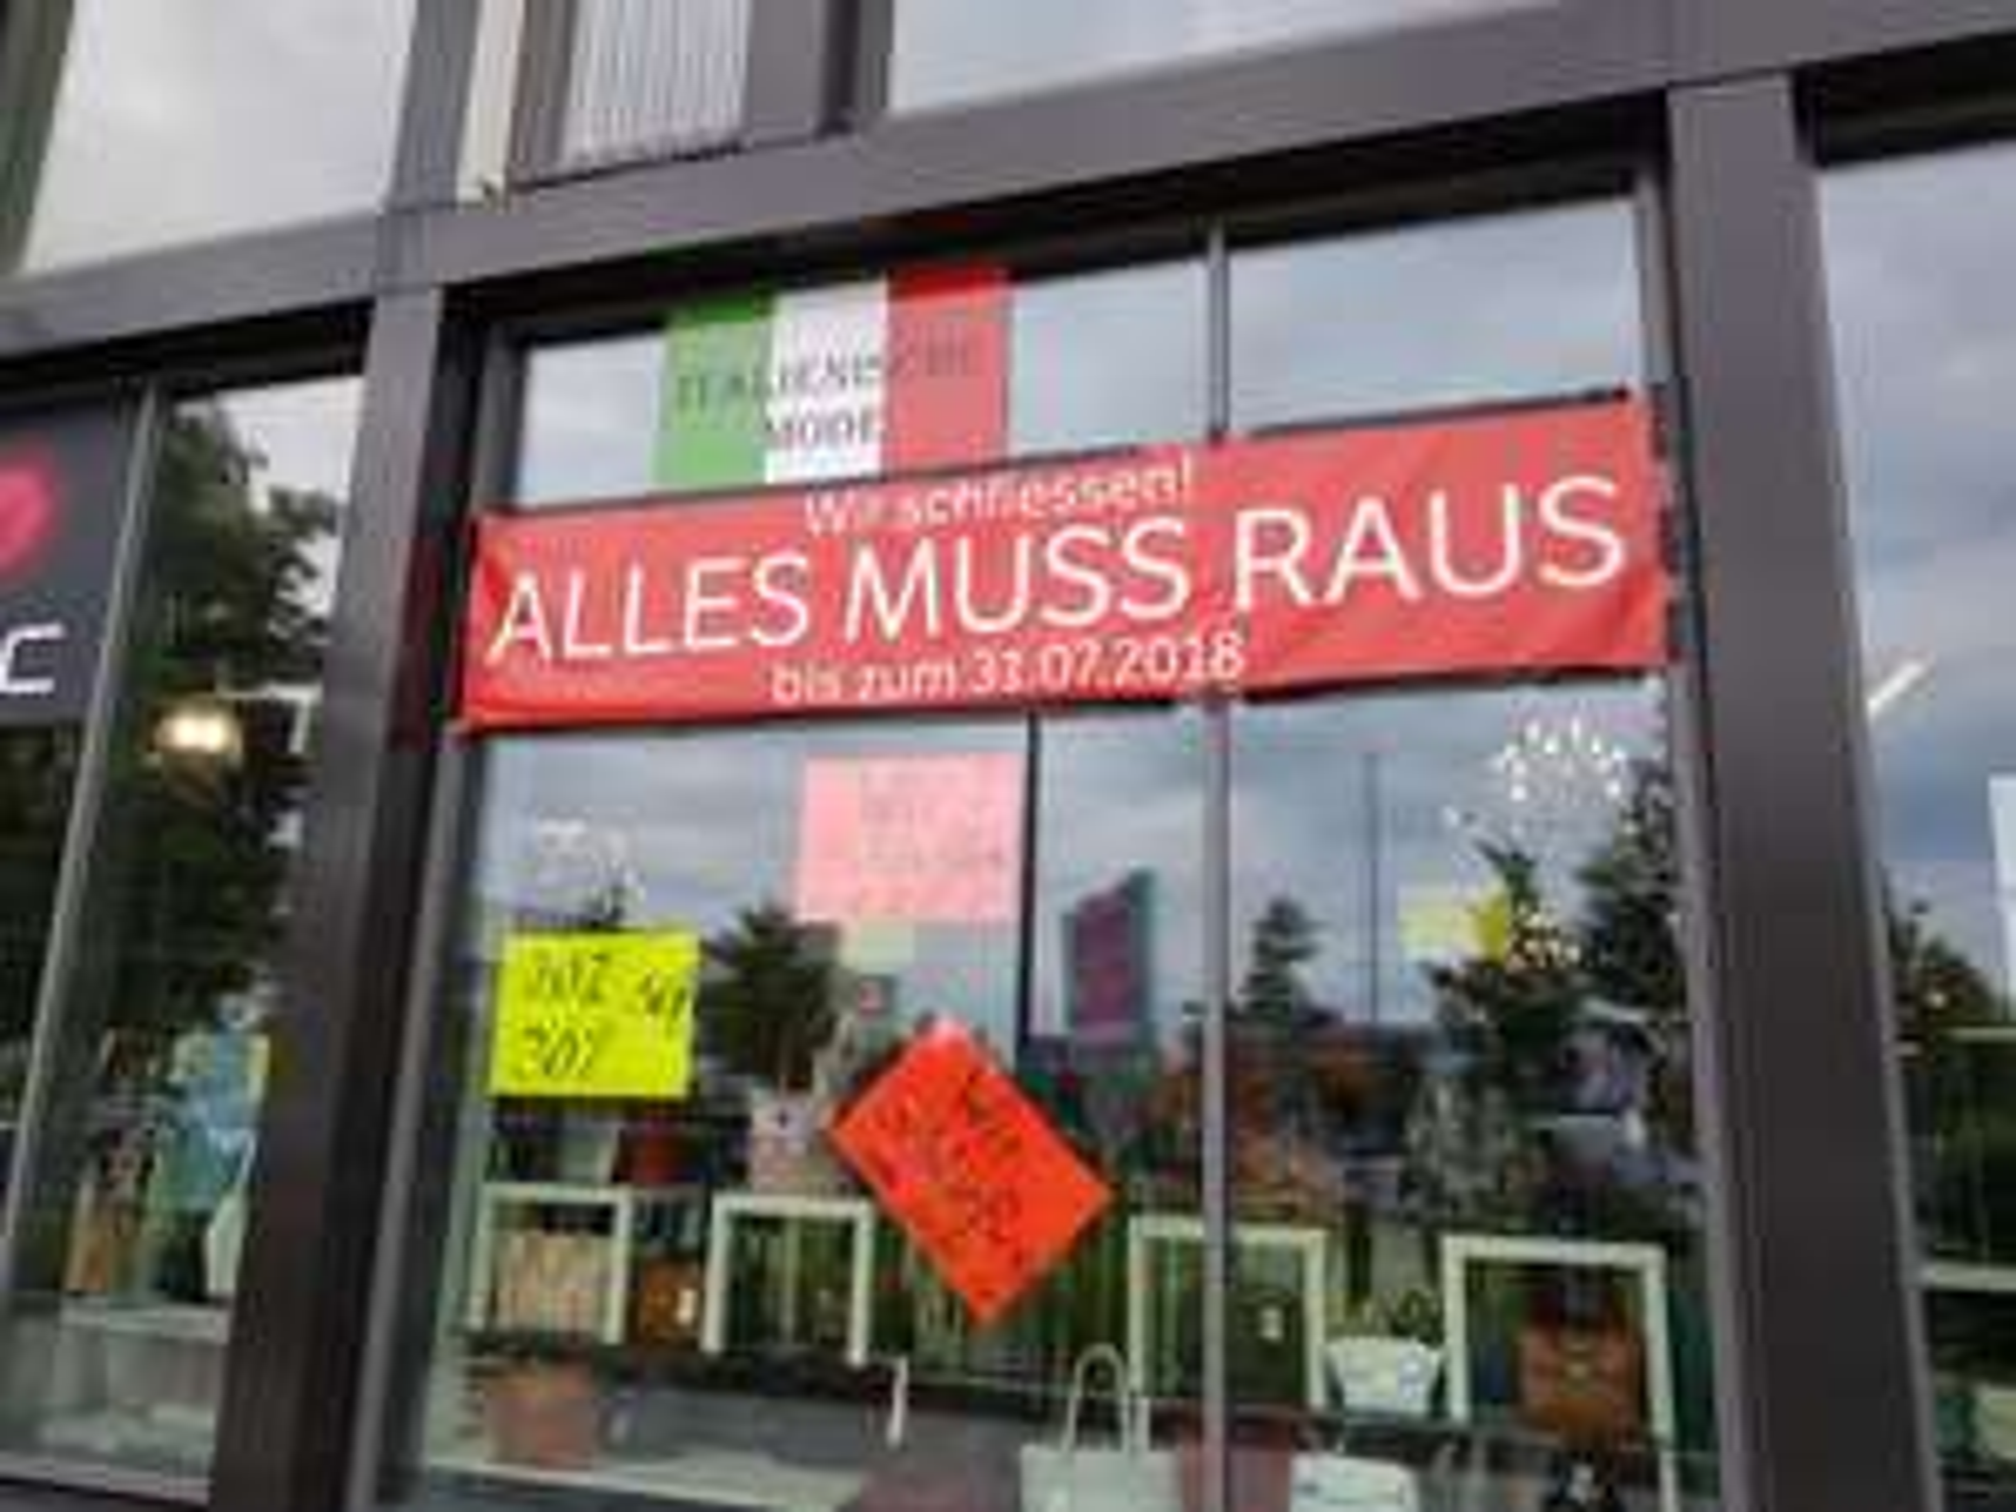 Lokal München [Schließung] Bis zu 70% auf italienische Mode